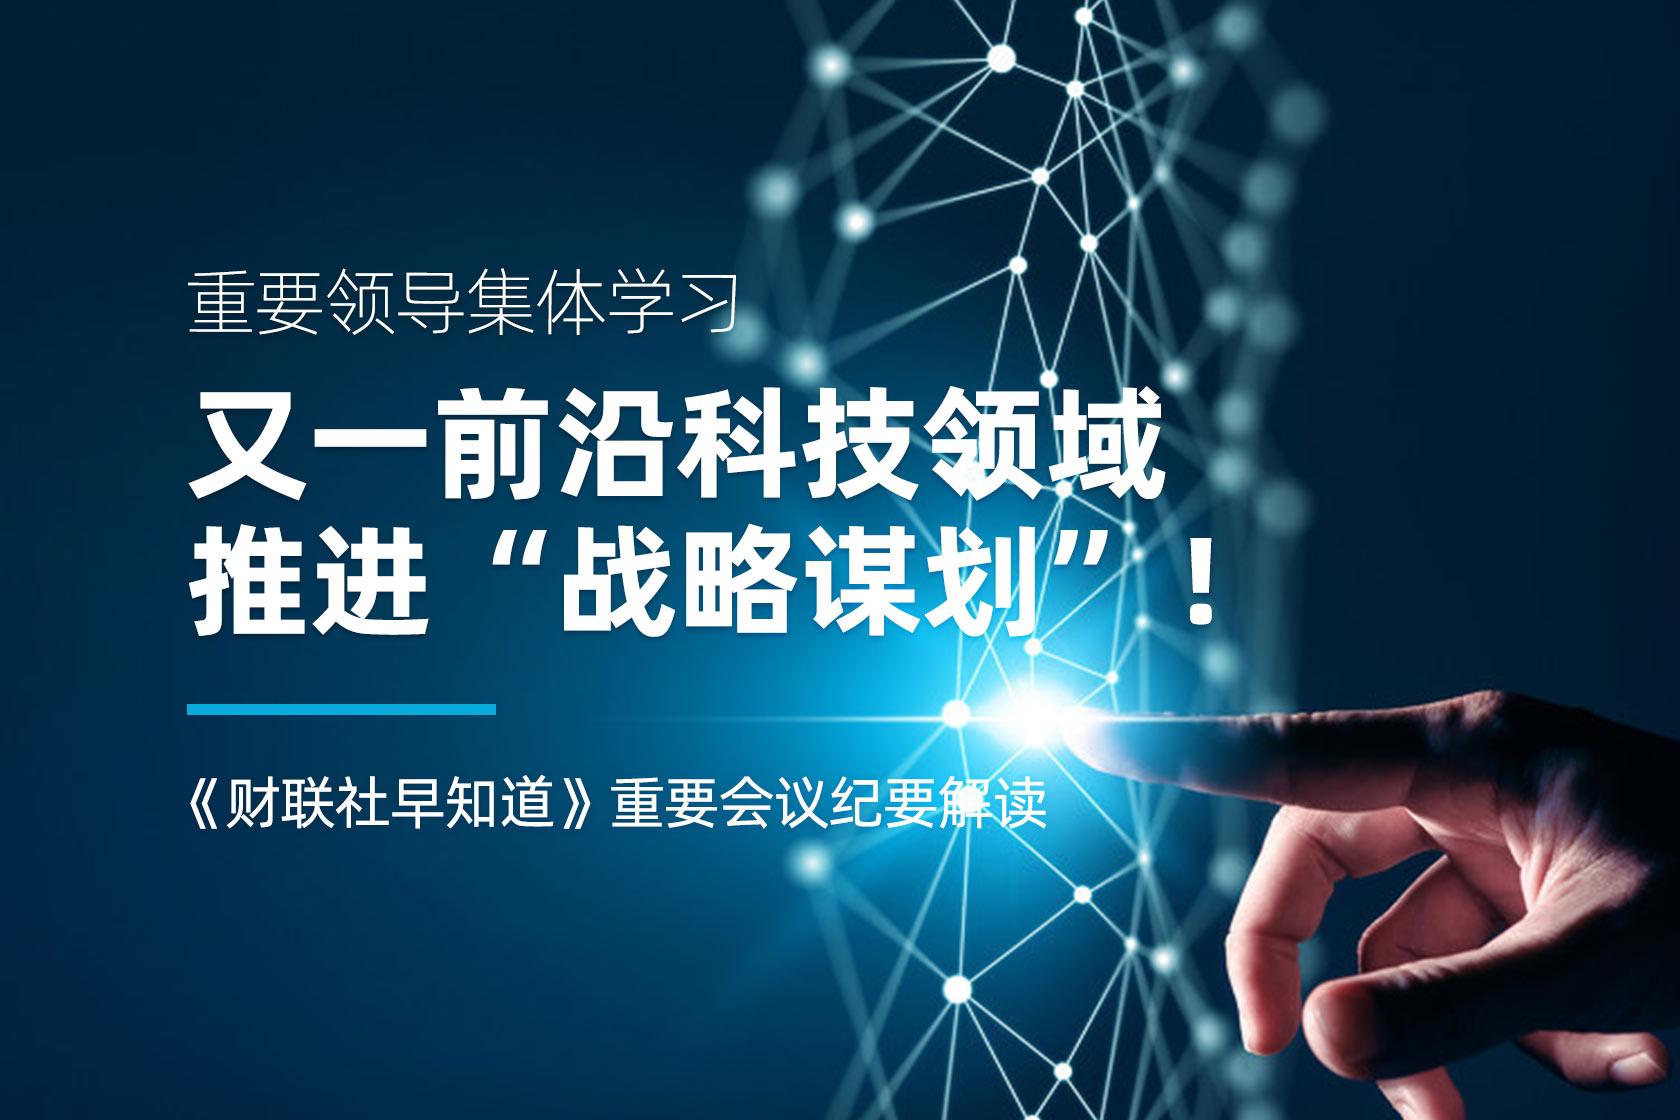 【财经早知道】这项新技术将引领新一轮科技革命和产业变革,千亿市场等待开发,哪些公司已提前布局?